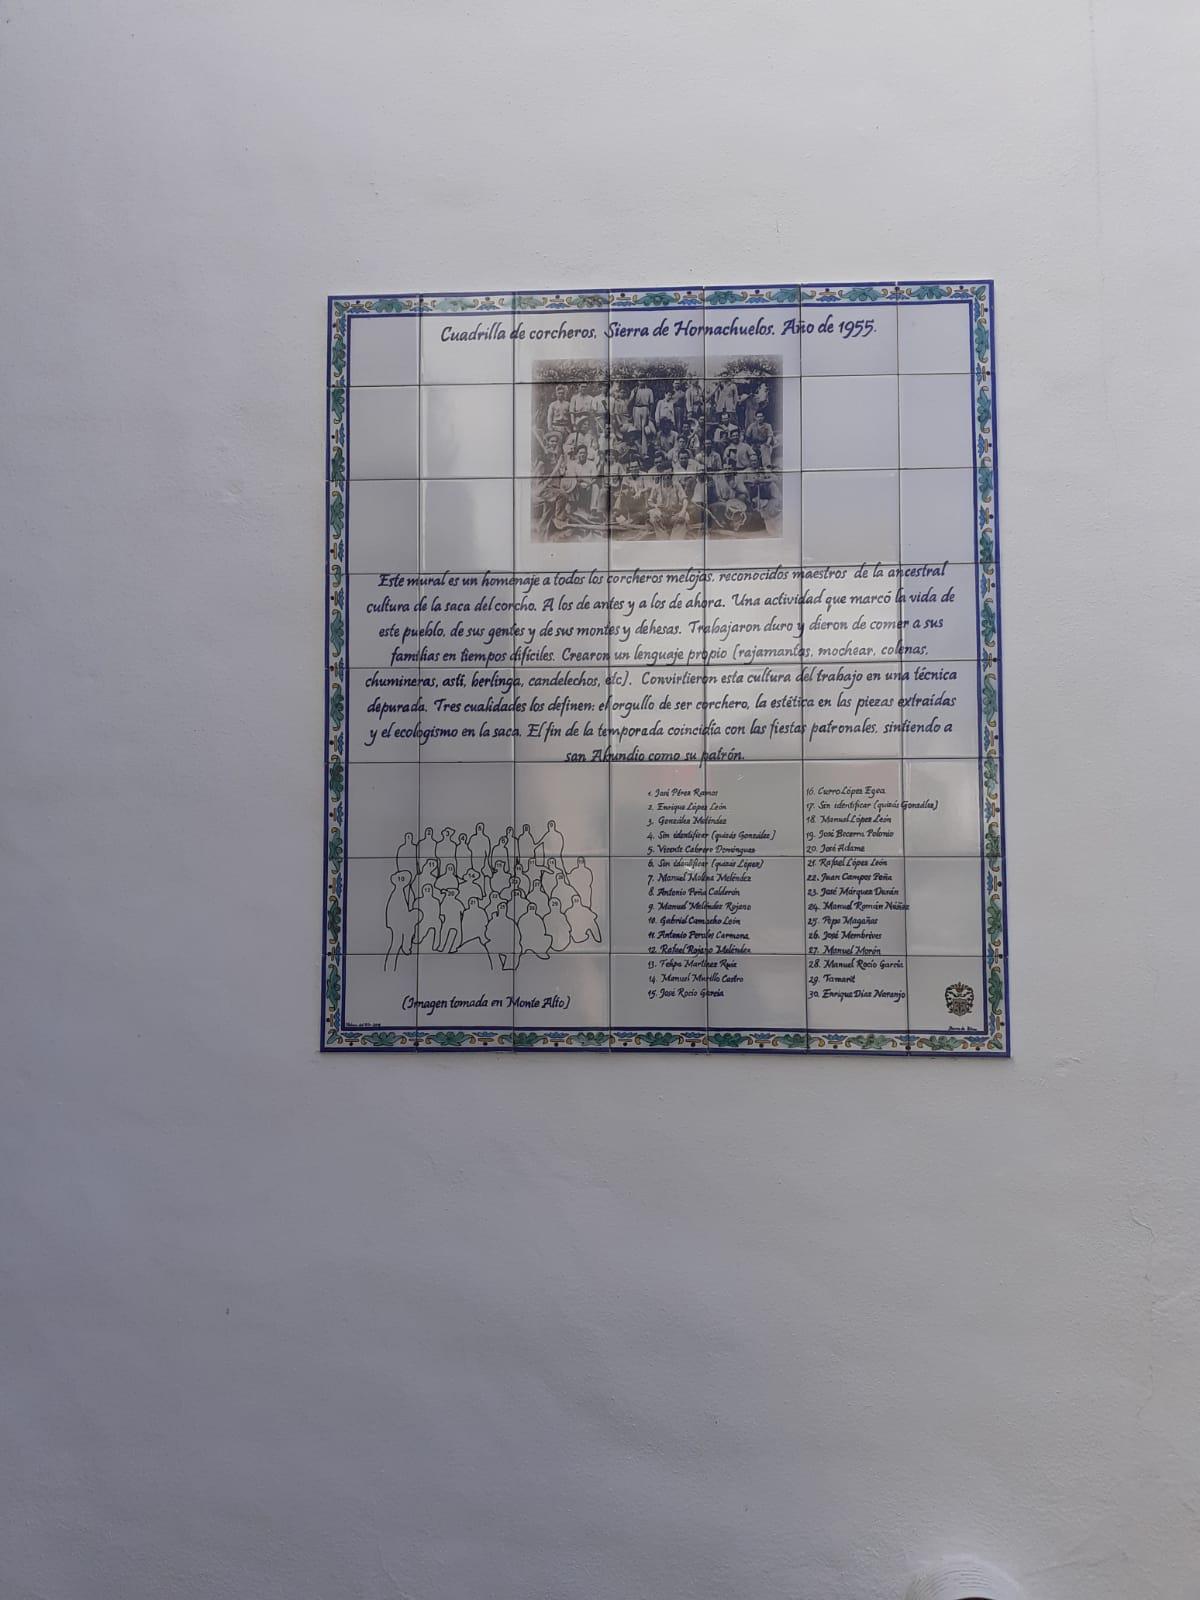 Mural-de-los-corcheros-parque-Arqueológico-Furnuyùlush